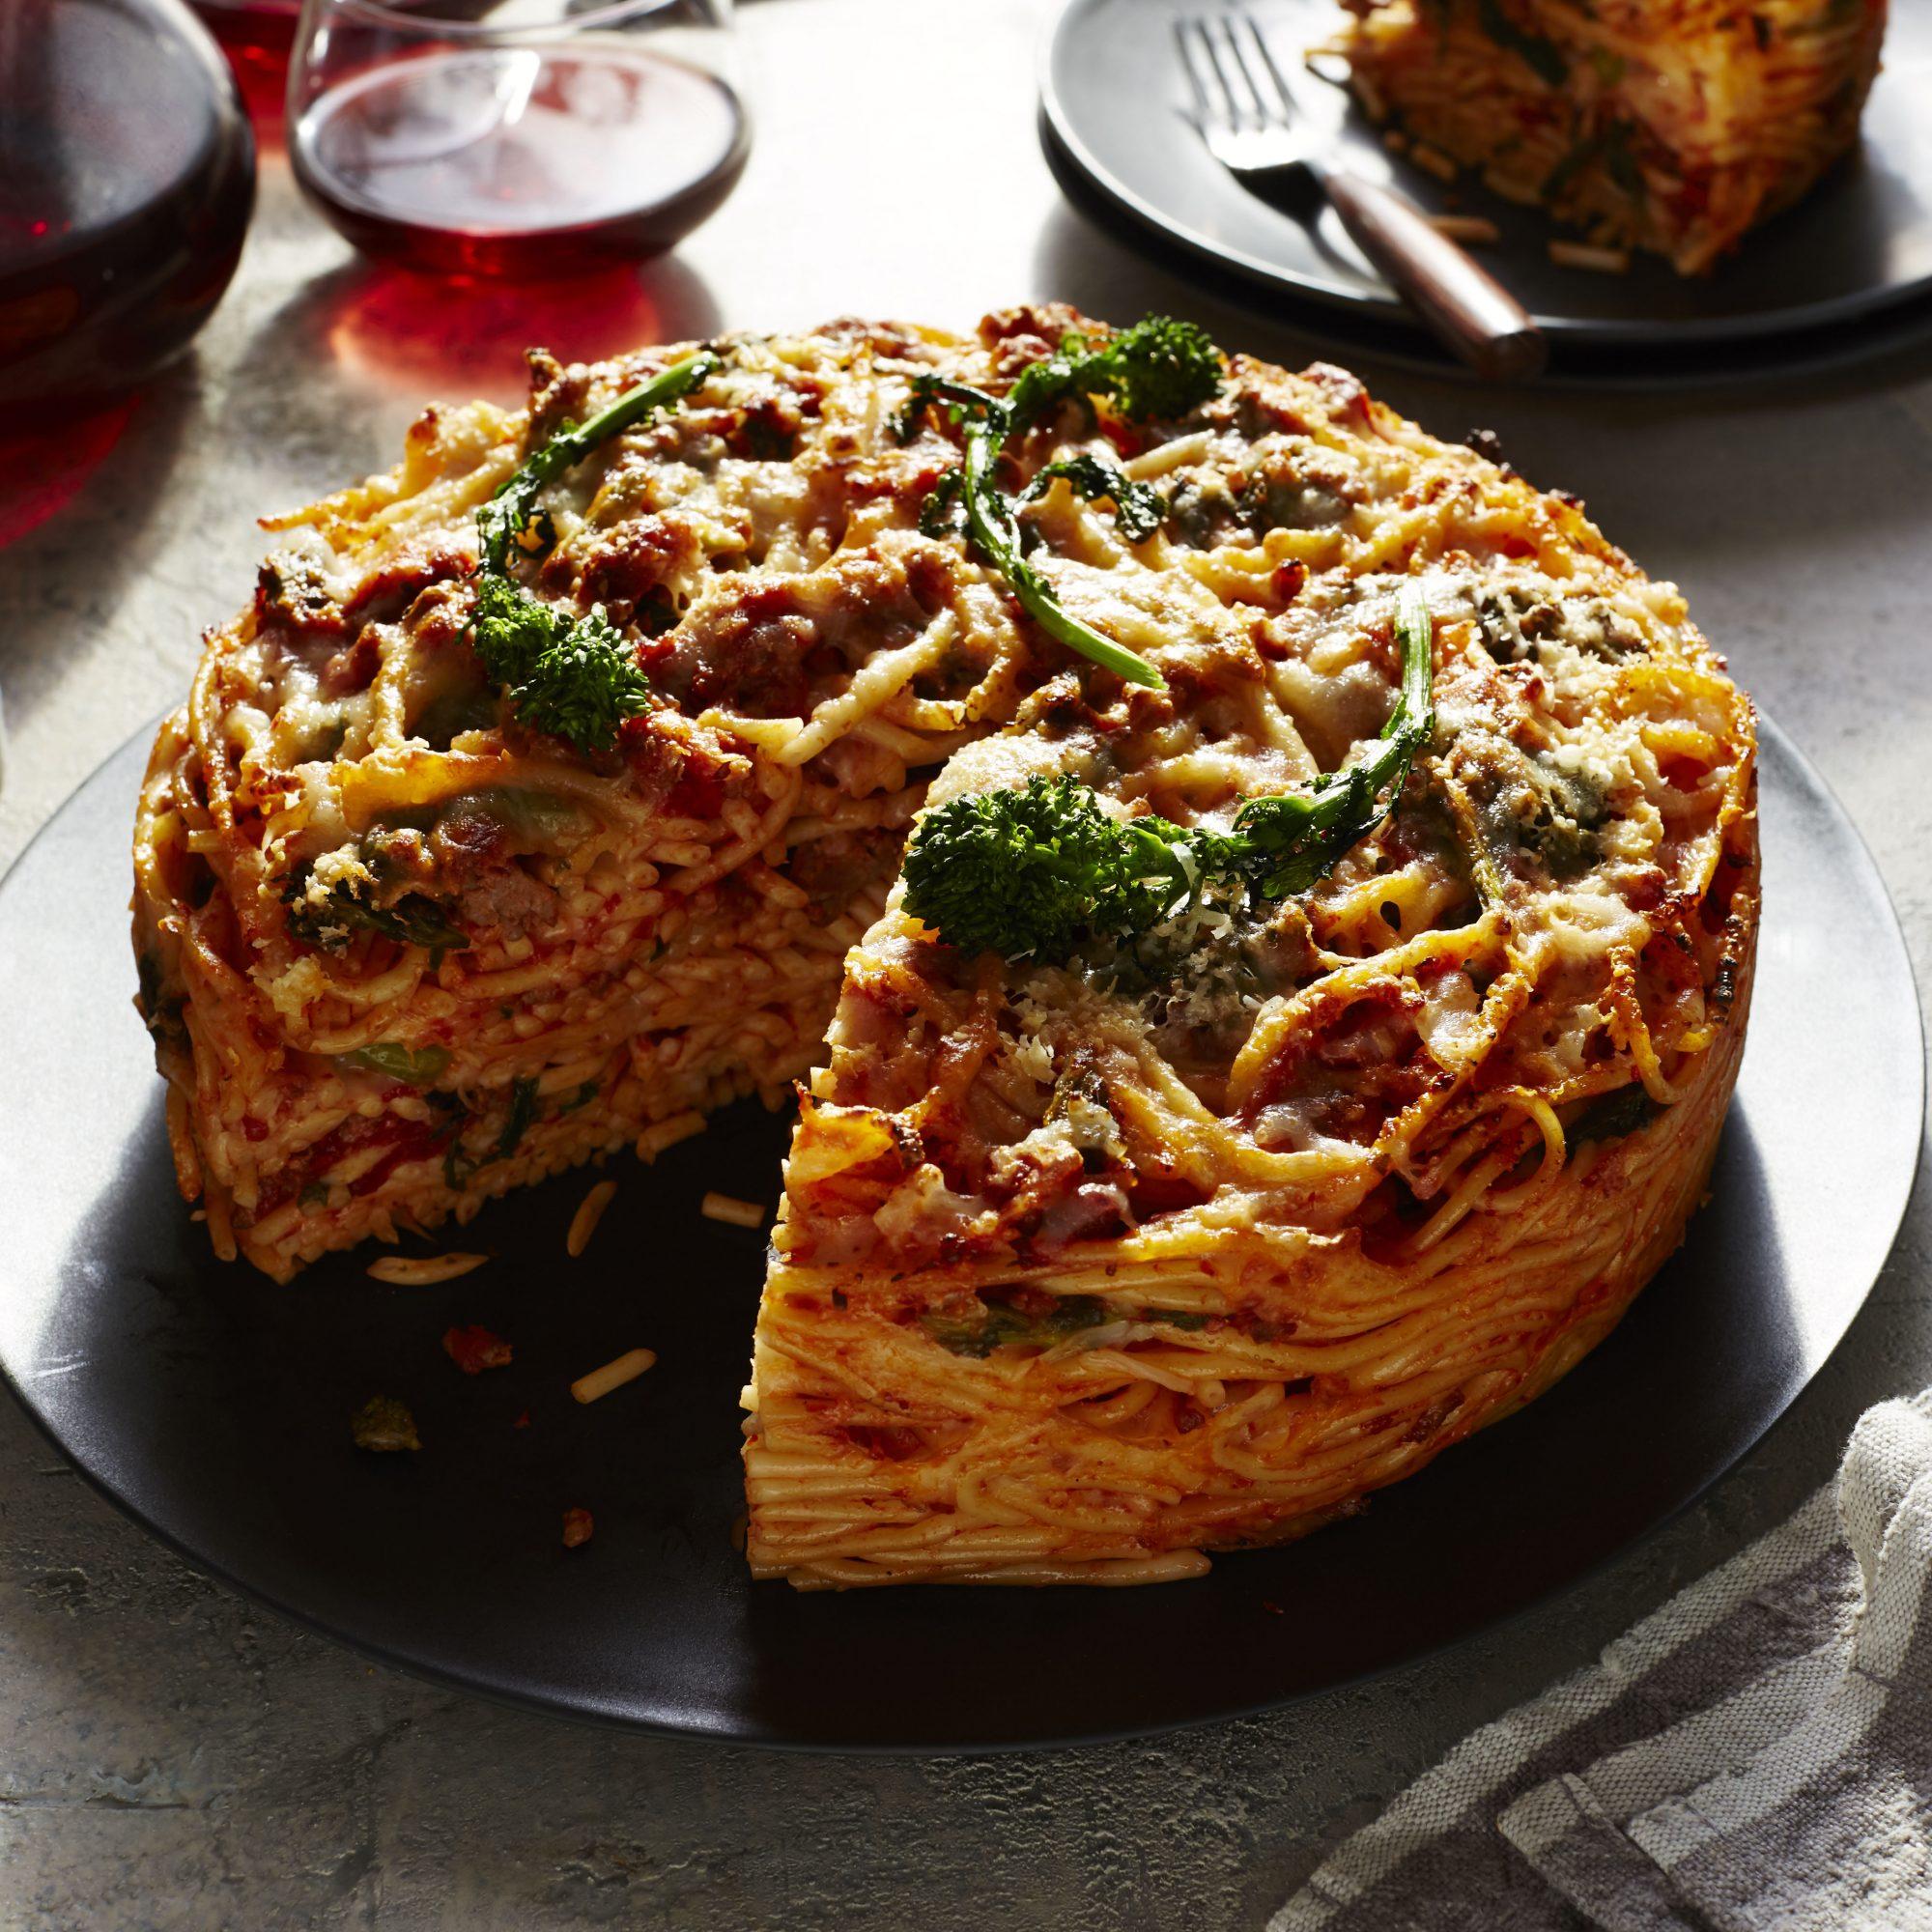 Sausage and Broccoli Rabe Pasta Pie image